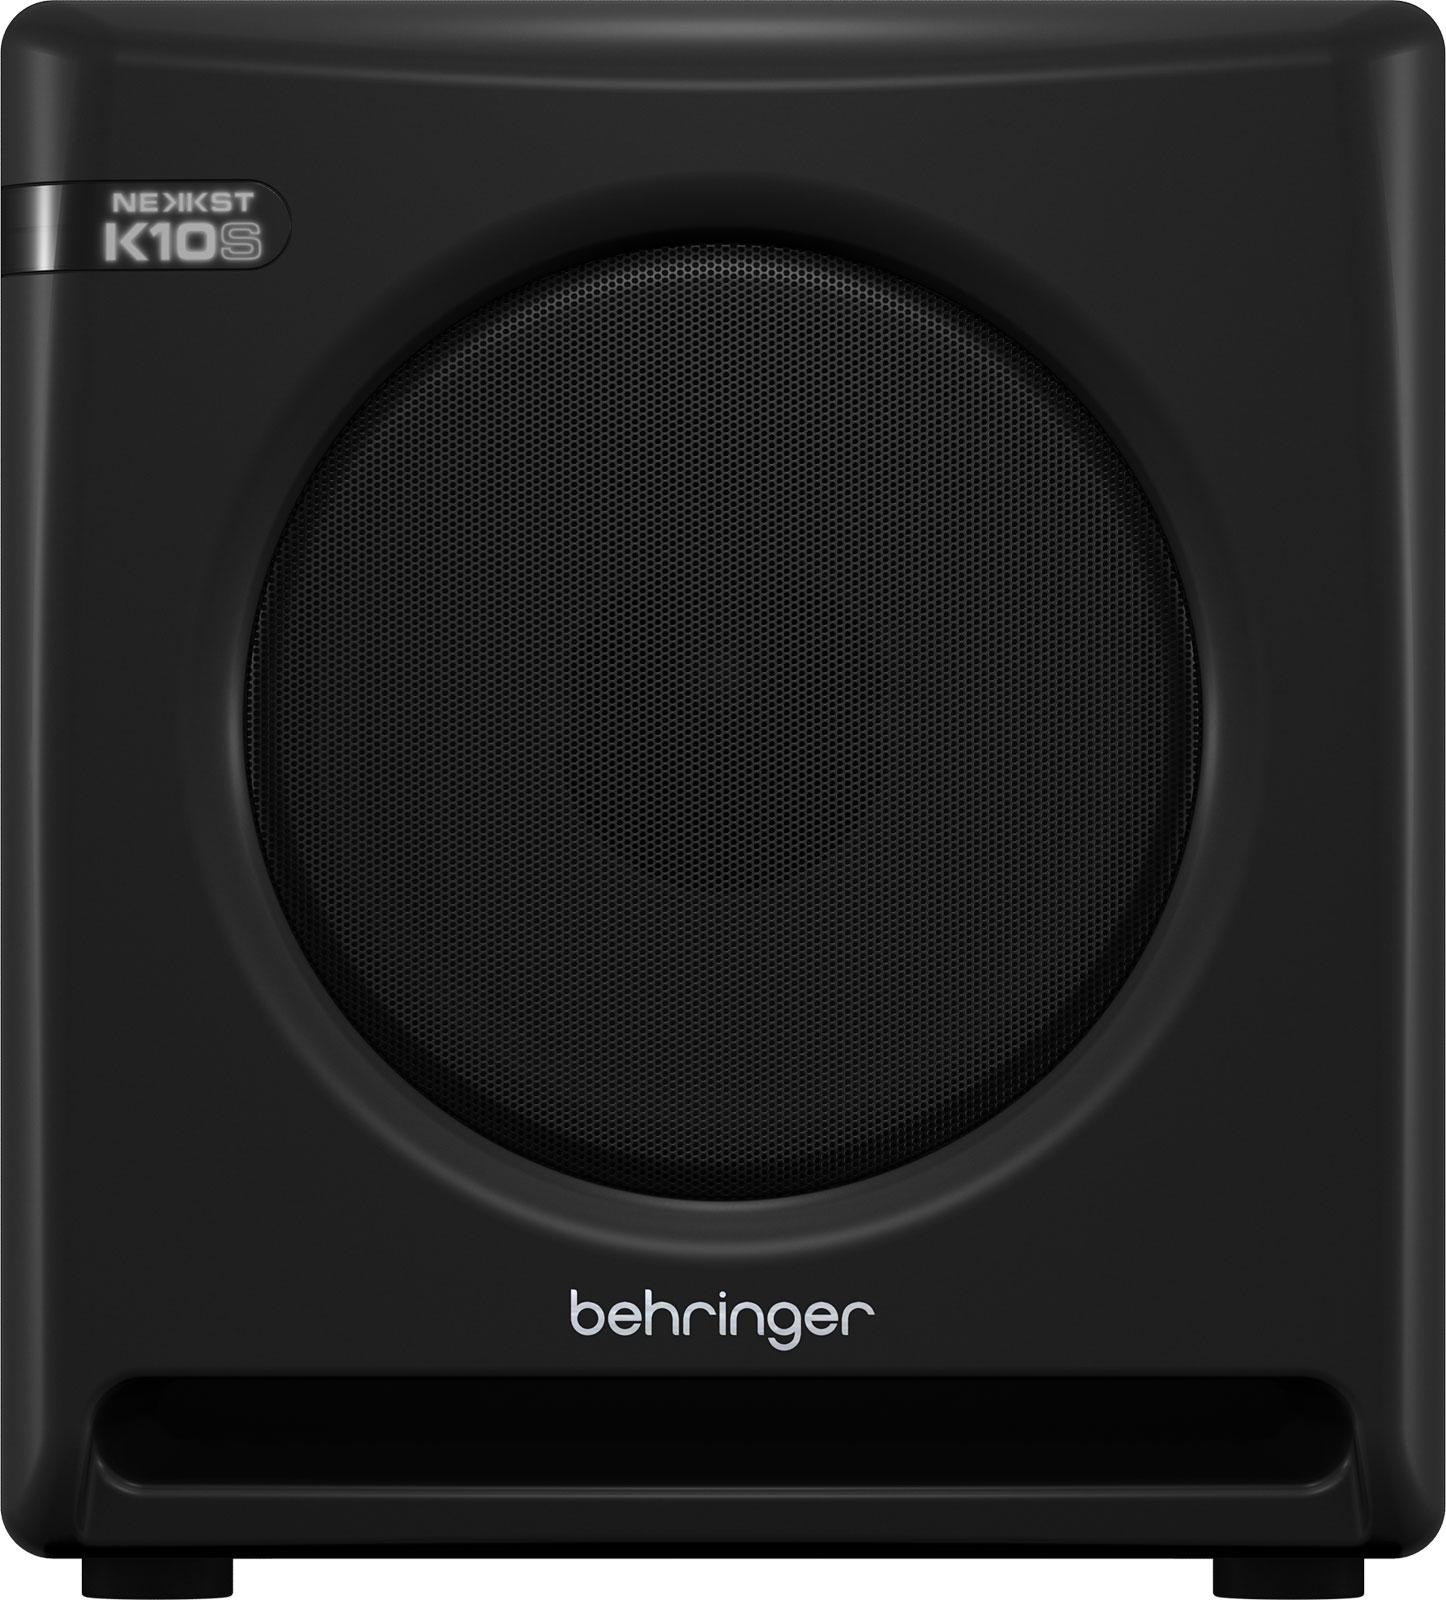 Behringer Nekkst K10s - La Piece